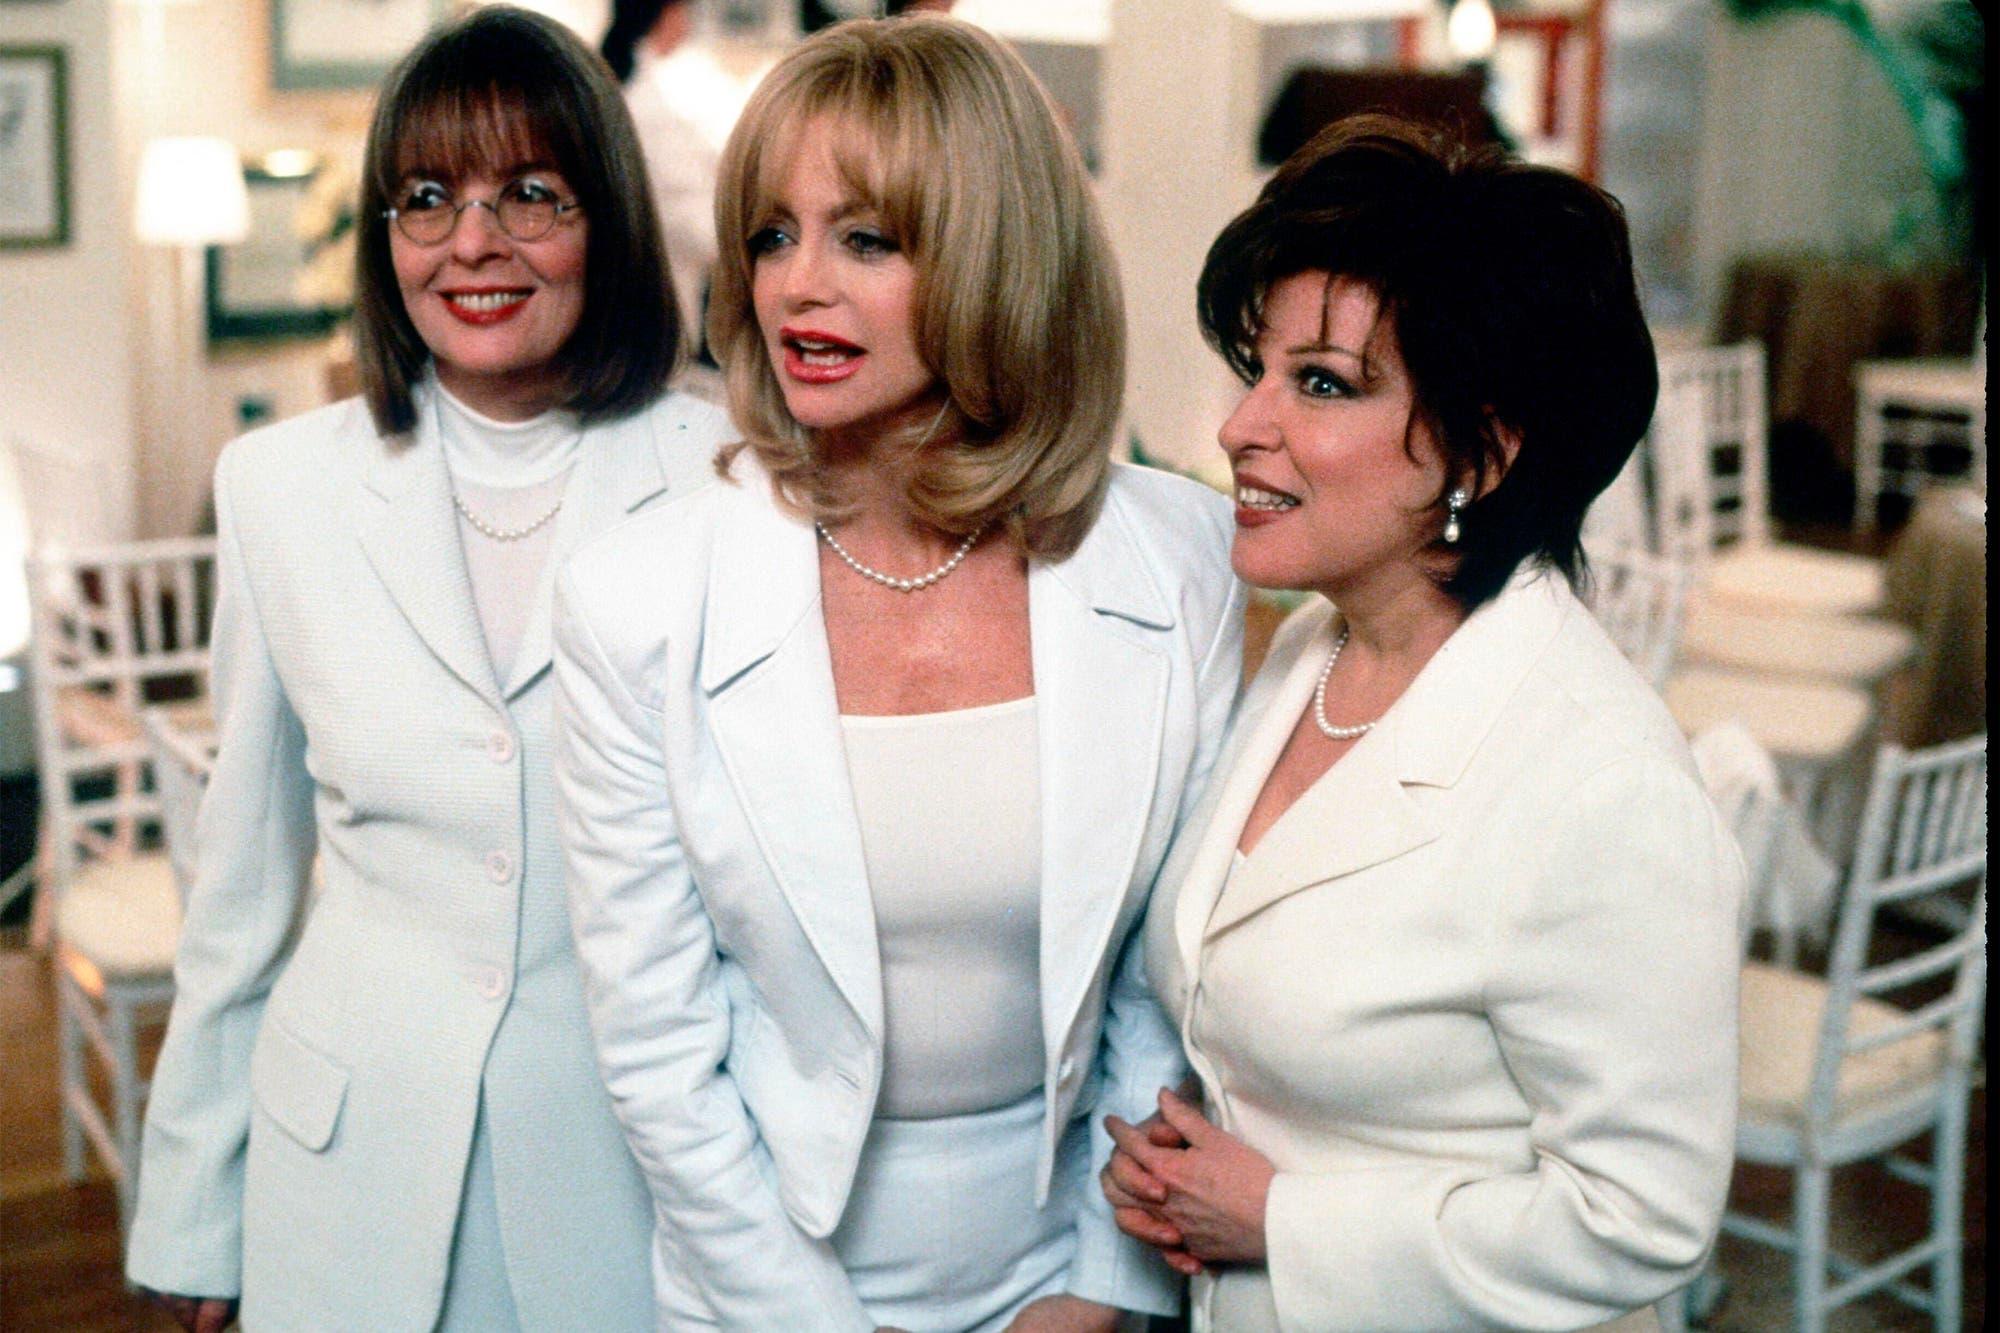 Un cuarto de siglo después: Diane Keaton, Goldie Hawn y Bette Midler, juntas de nuevo